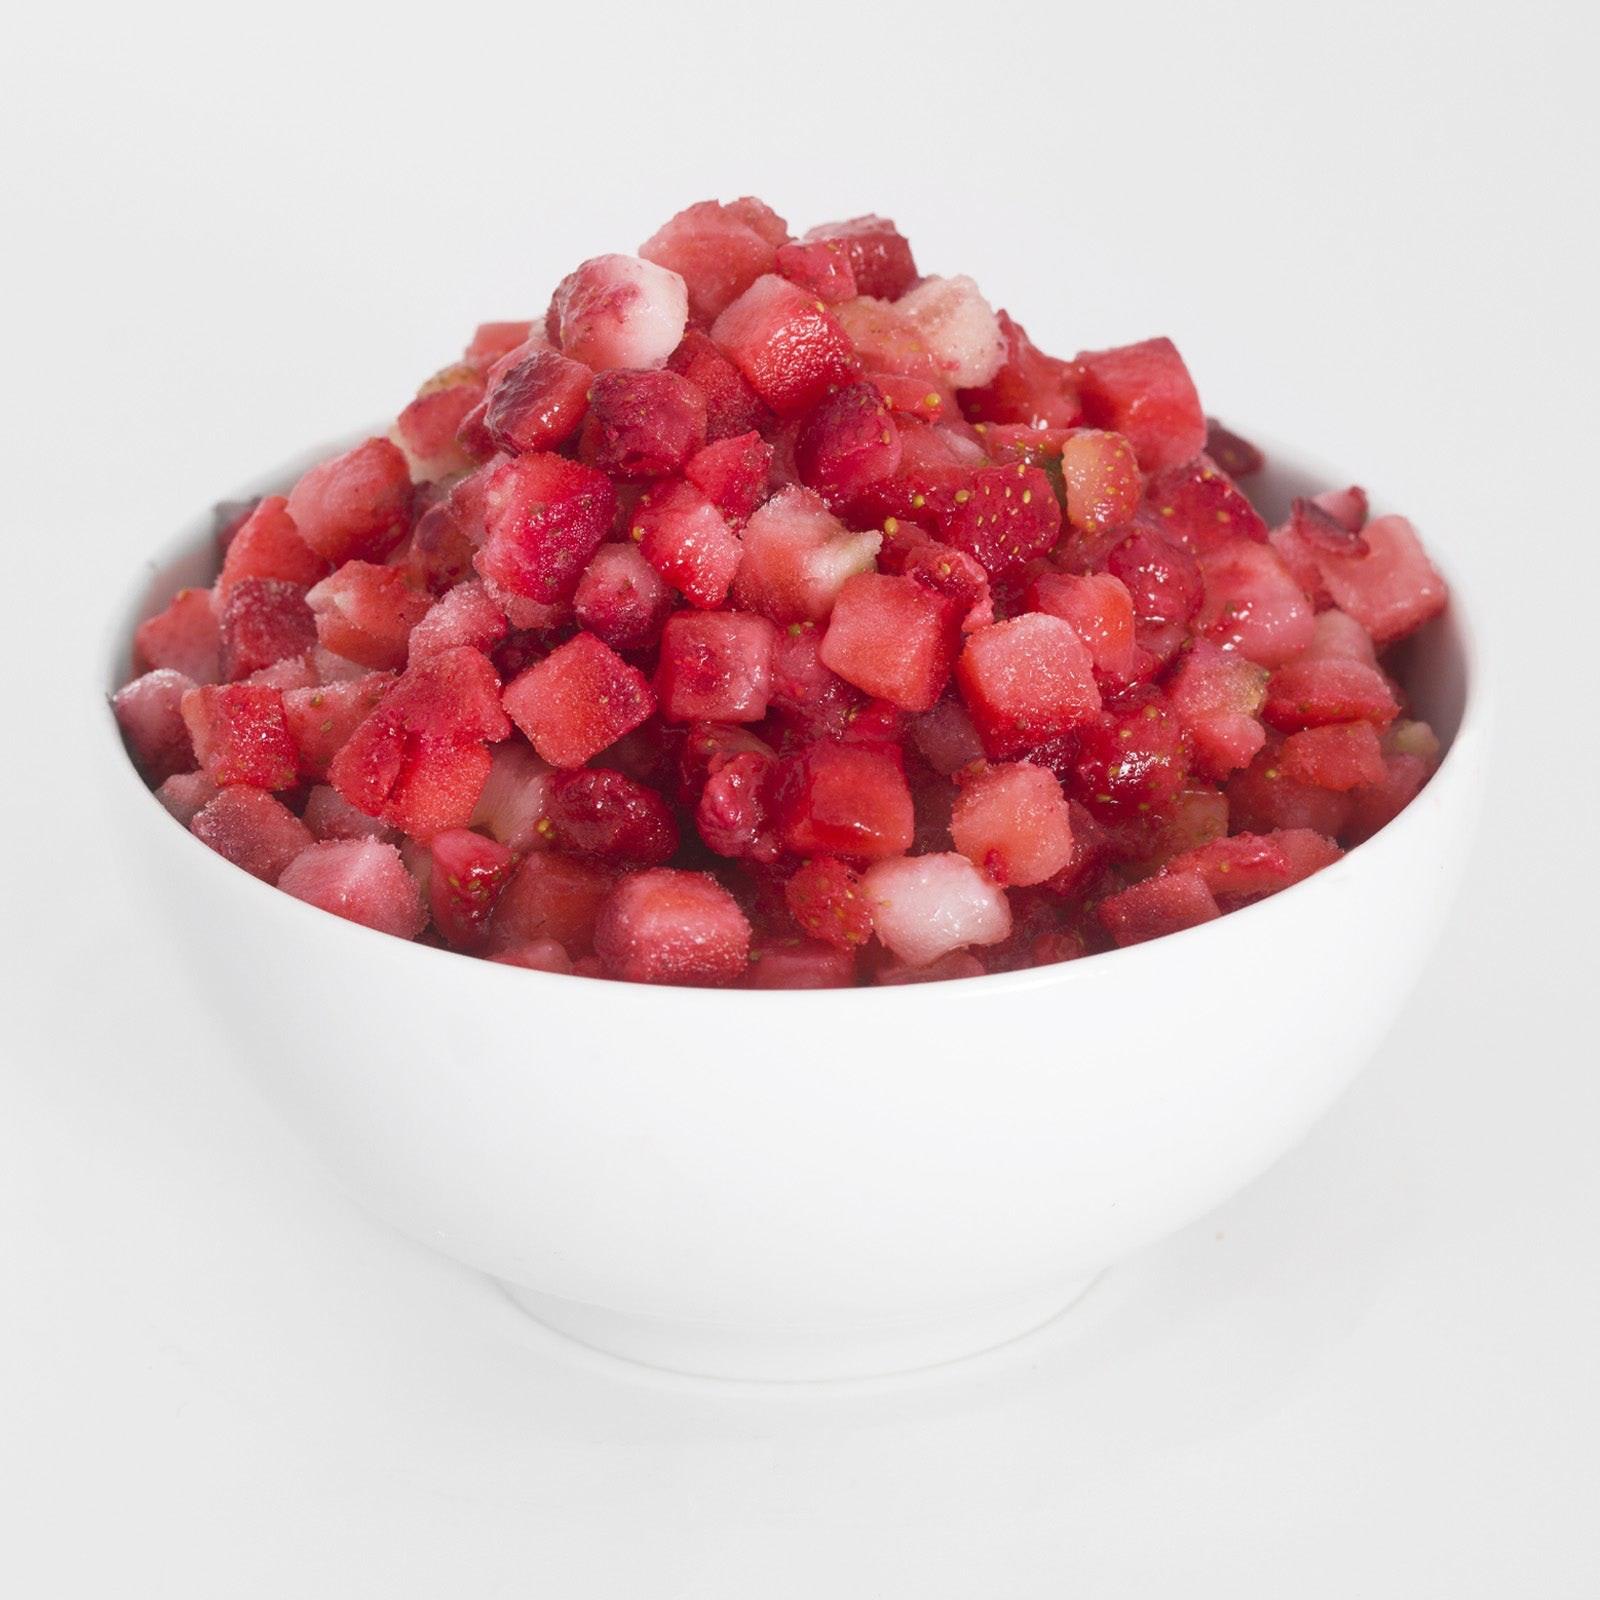 BELOW ZERO Diced Strawberries